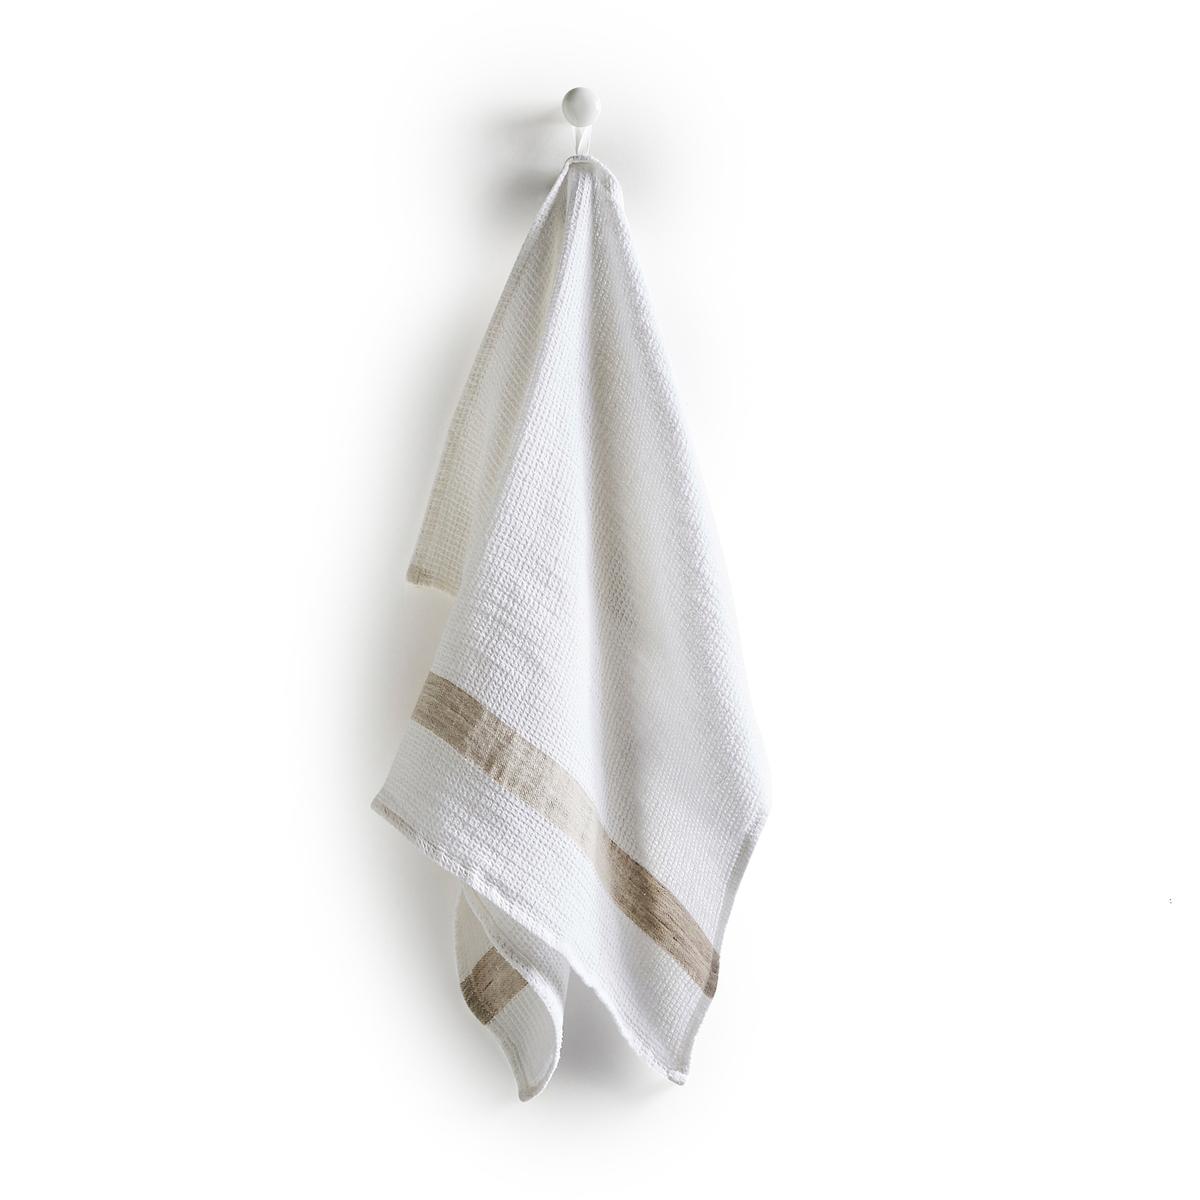 Полотенце из вафельной ткани, 100% лен, DactyleПолотенце из 100% льна Dactyle. Простой рисунок в контрастную полоску, очень высокая впитывающая способность благодаря вафельной ткани. Машинная стирка при 40 °C. Размеры : 50 x 70 см.<br><br>Цвет: антрацит,белый,серо-бежевый<br>Размер: 50 x 70  см